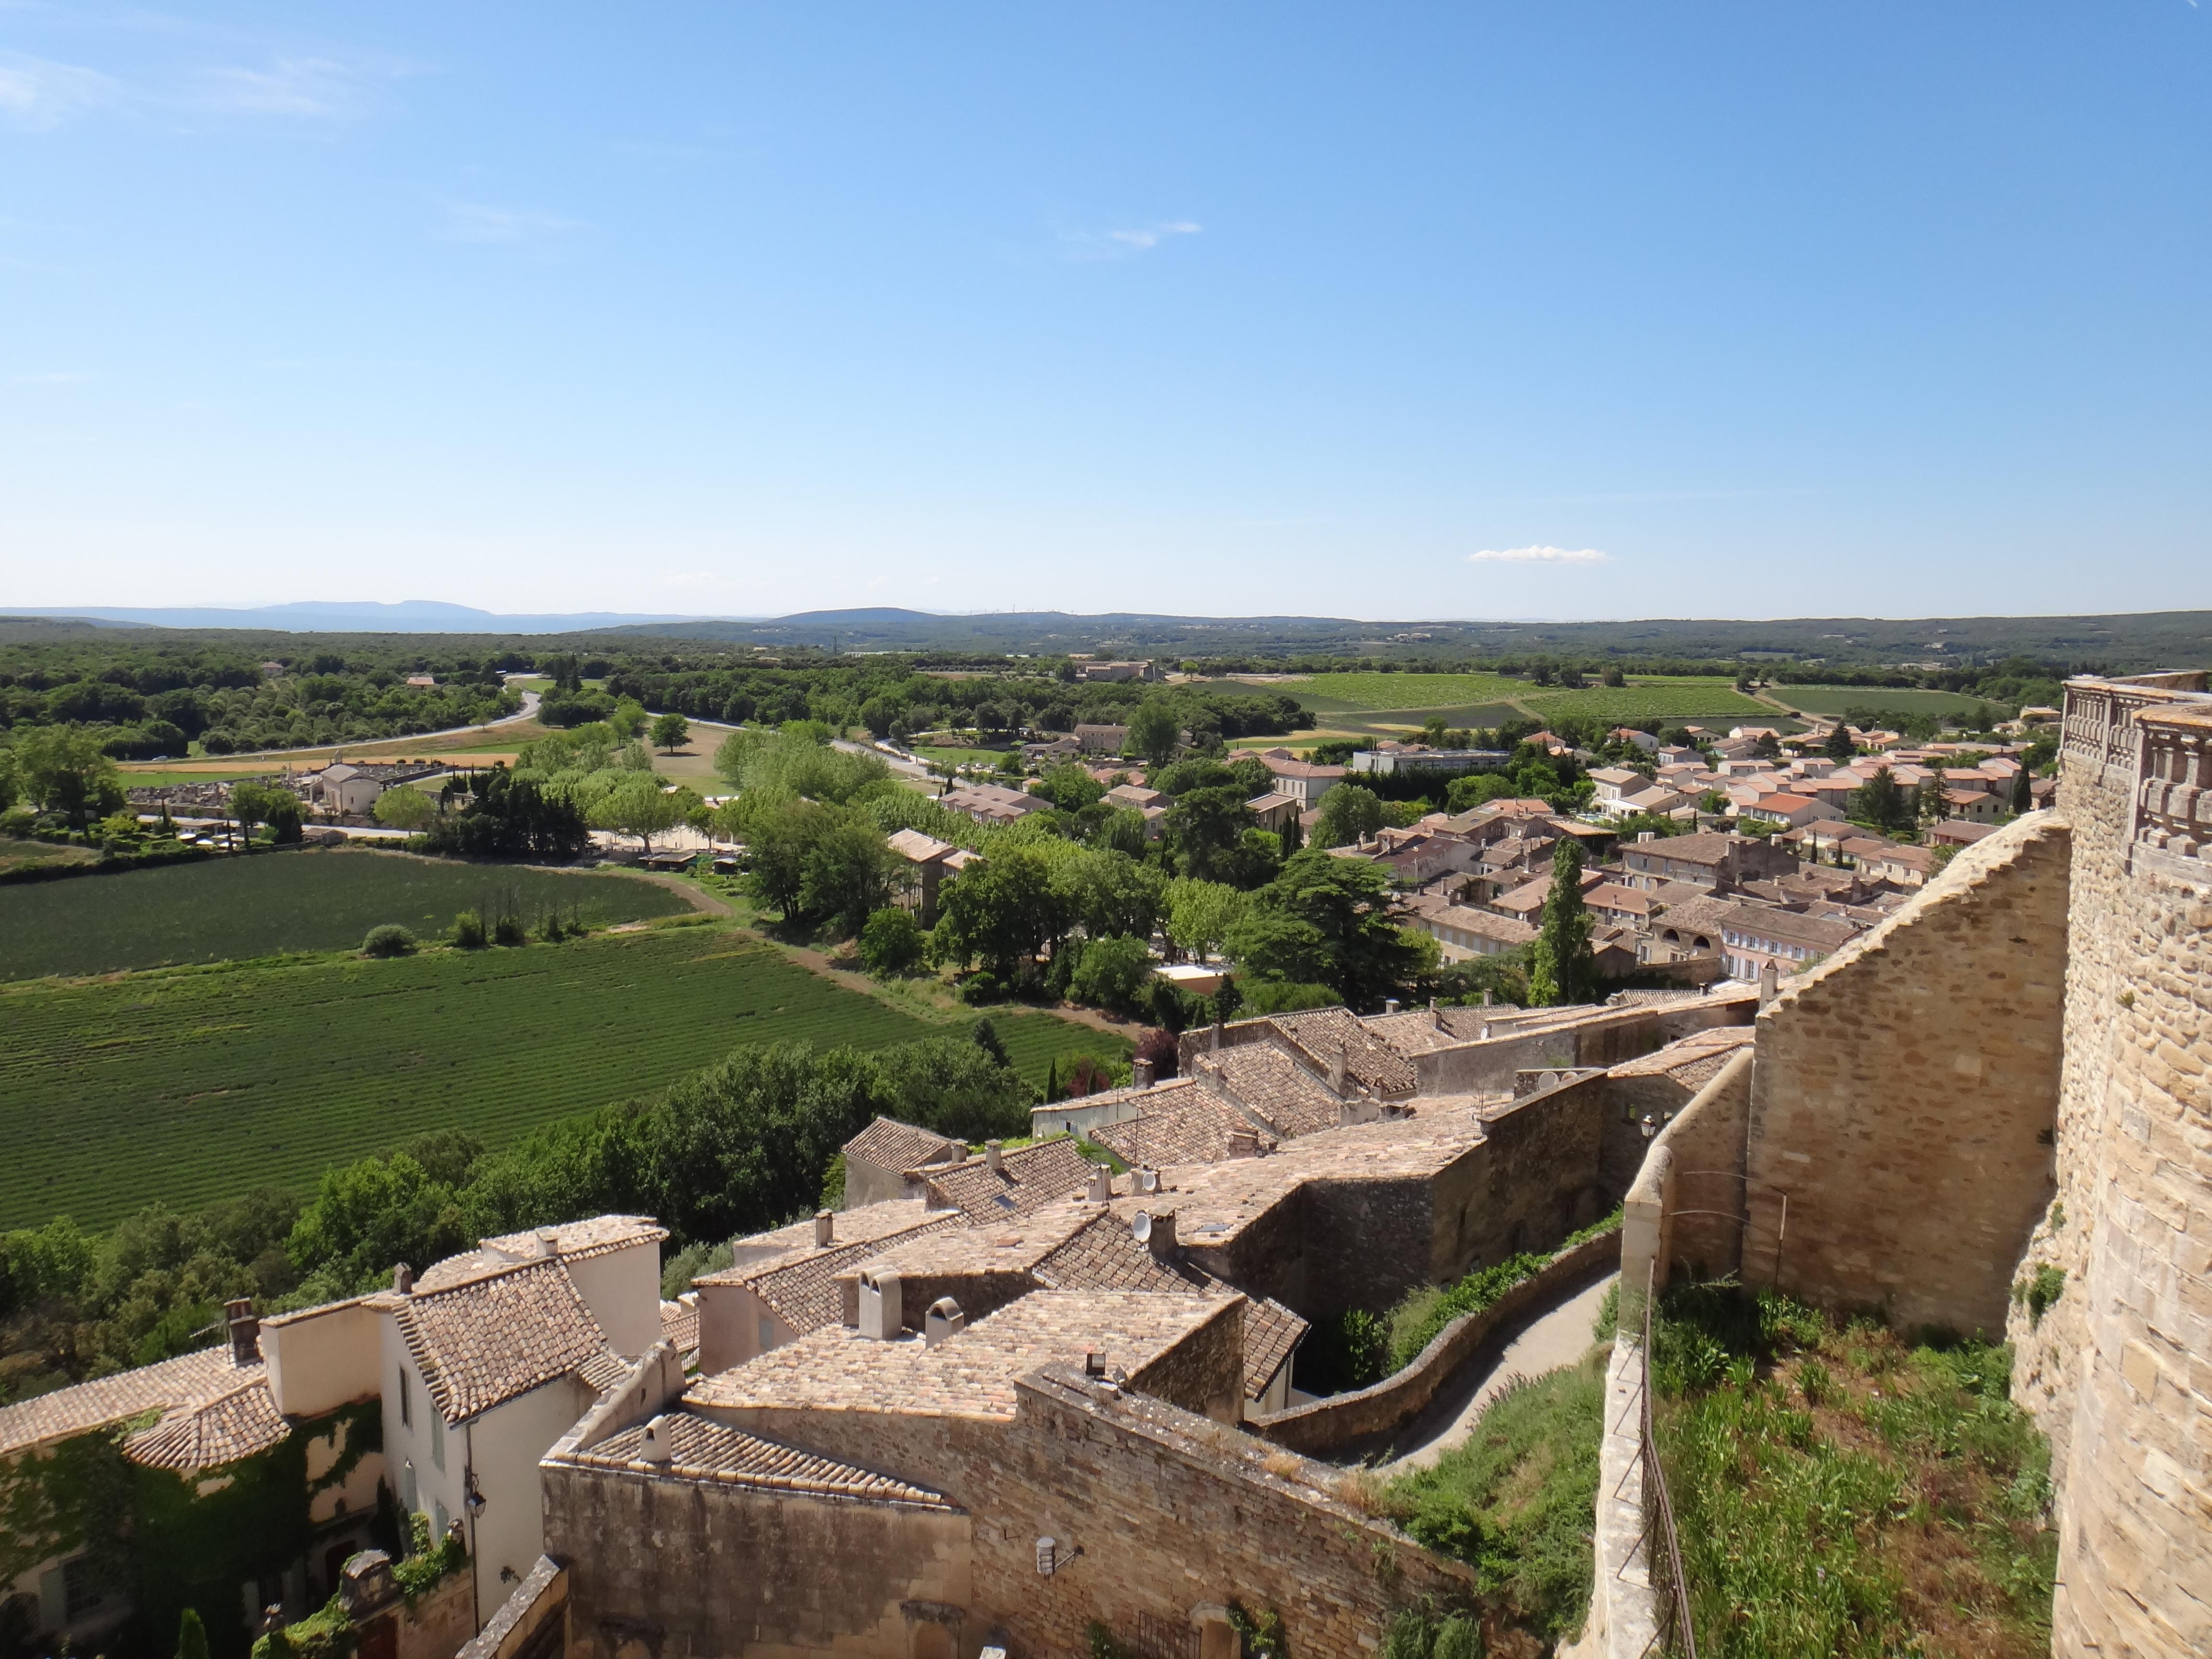 VillageGrignan-グリニャンン村